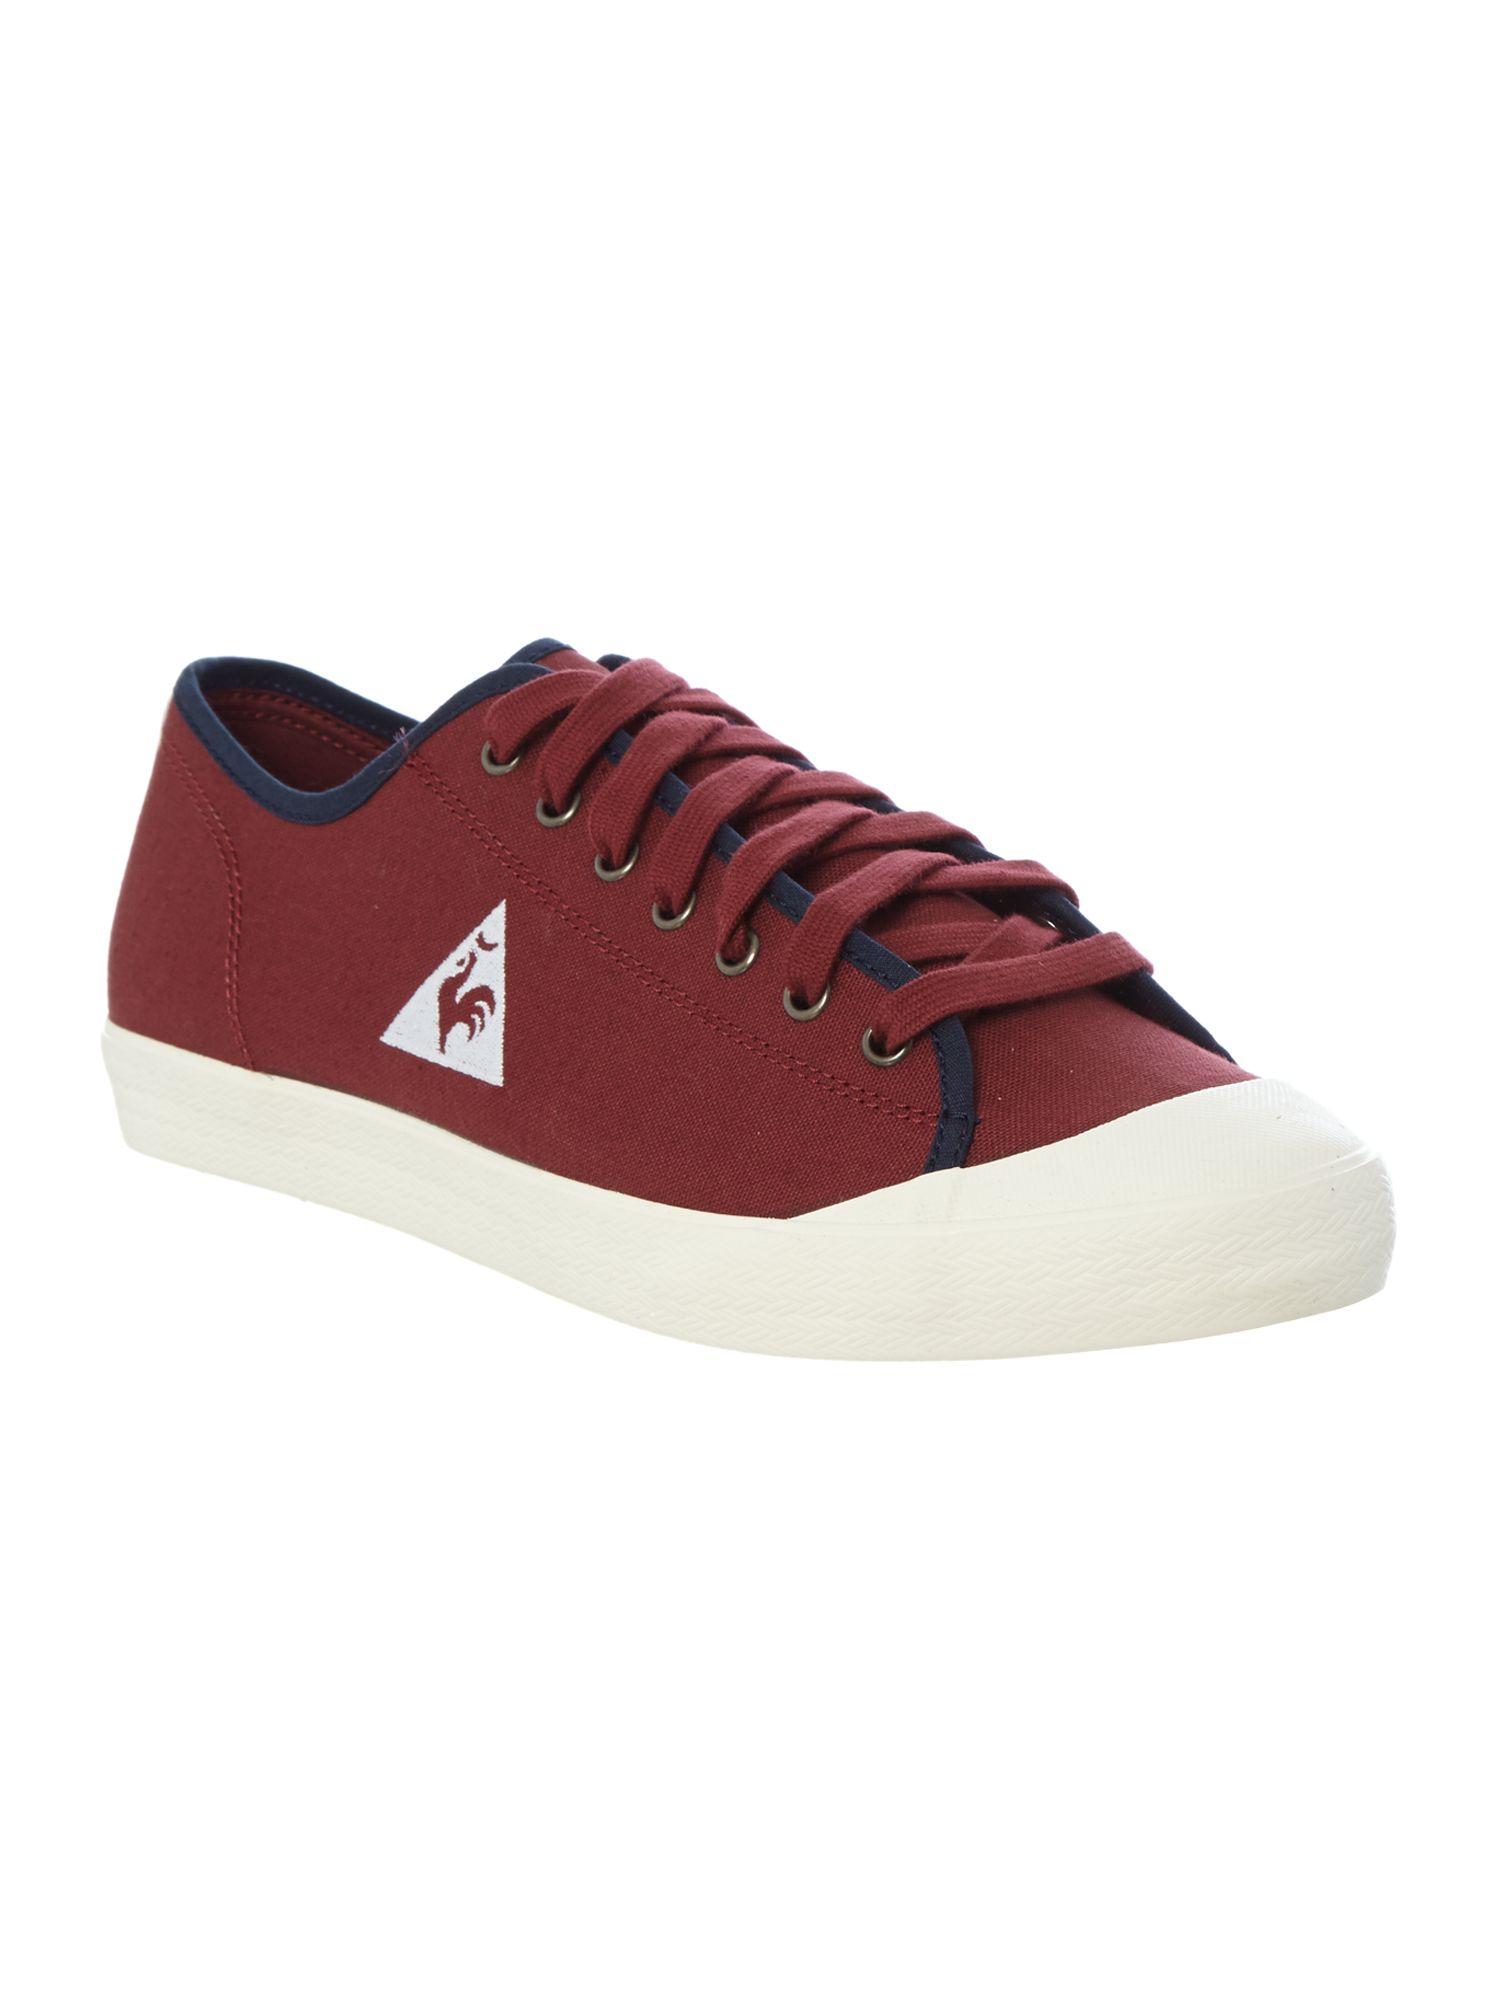 newest 2762b 493c8 ... le coq sportif shoes purple sky blue . ...